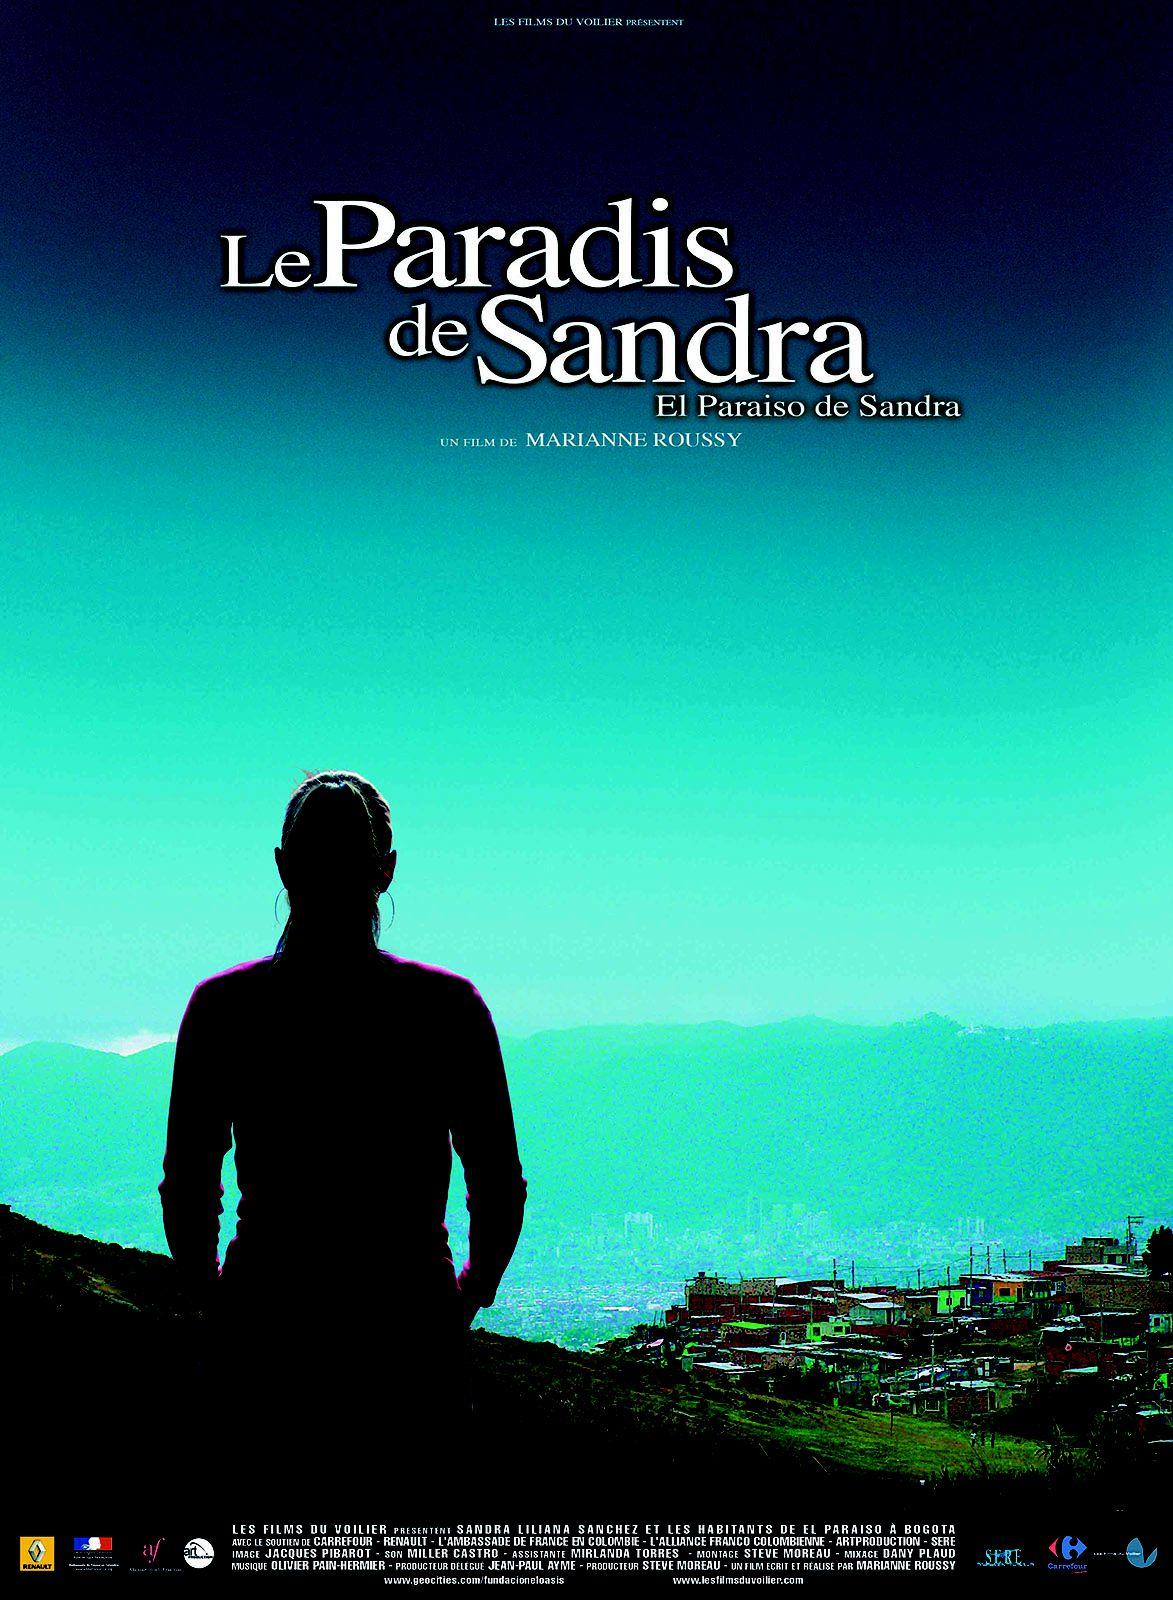 Le Paradis de Sandra - Documentaire (2015)